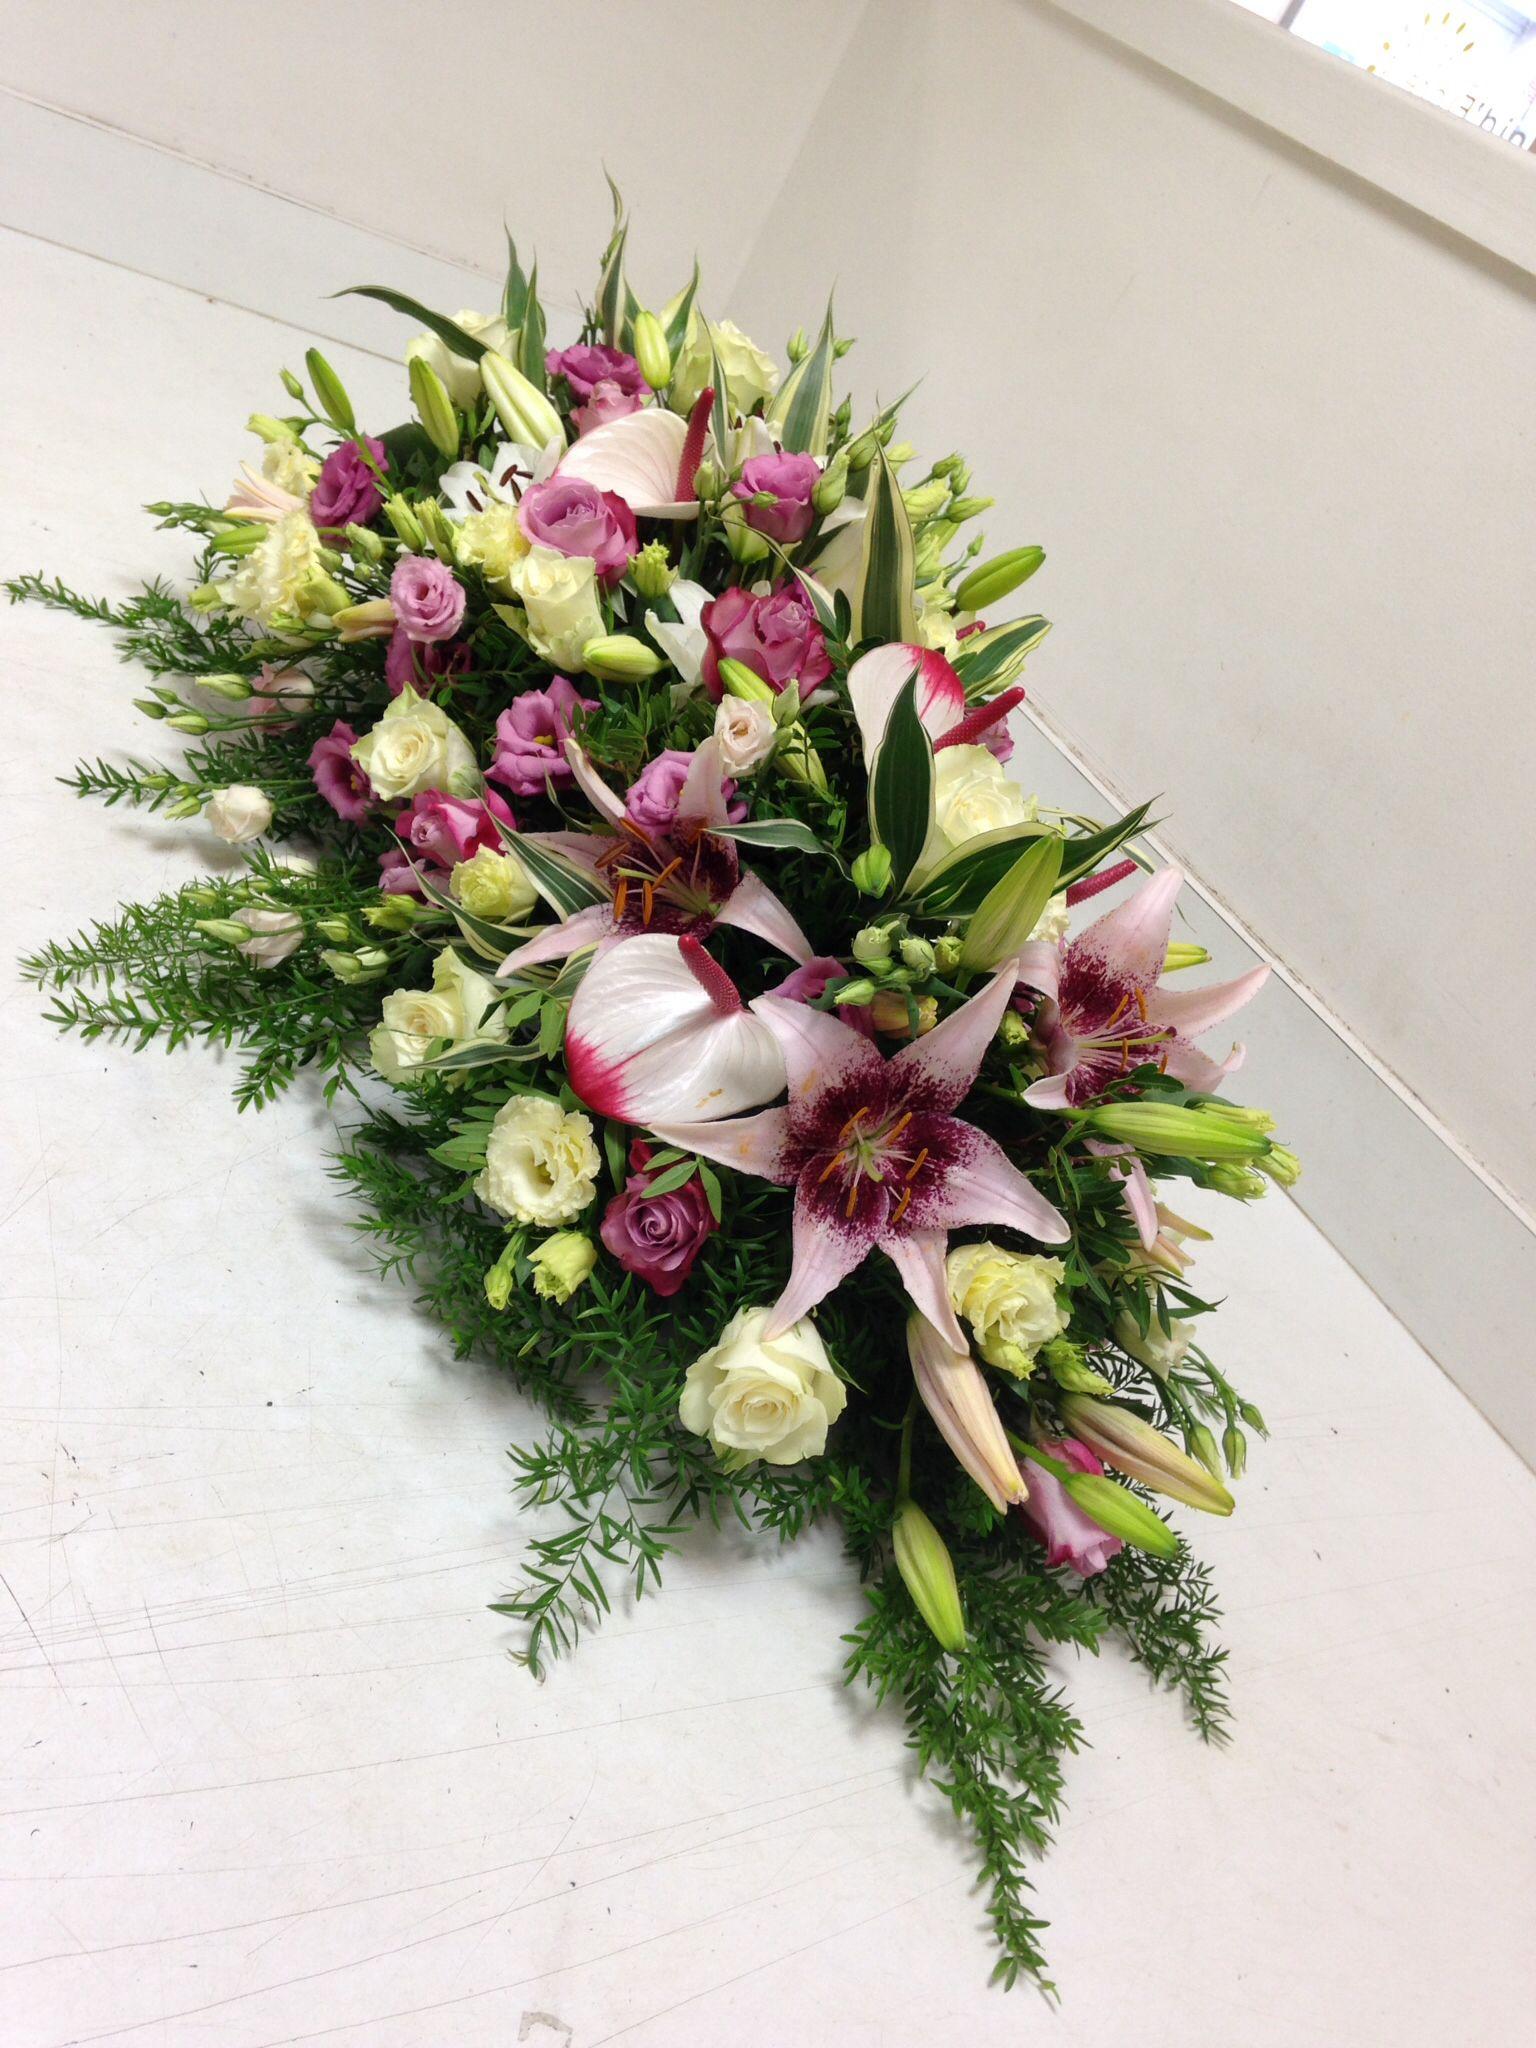 Gerbe piquée : roses Athena, roses Équateur, lisianthus, lys, anthurium, asparagus, dracaena, lentisque